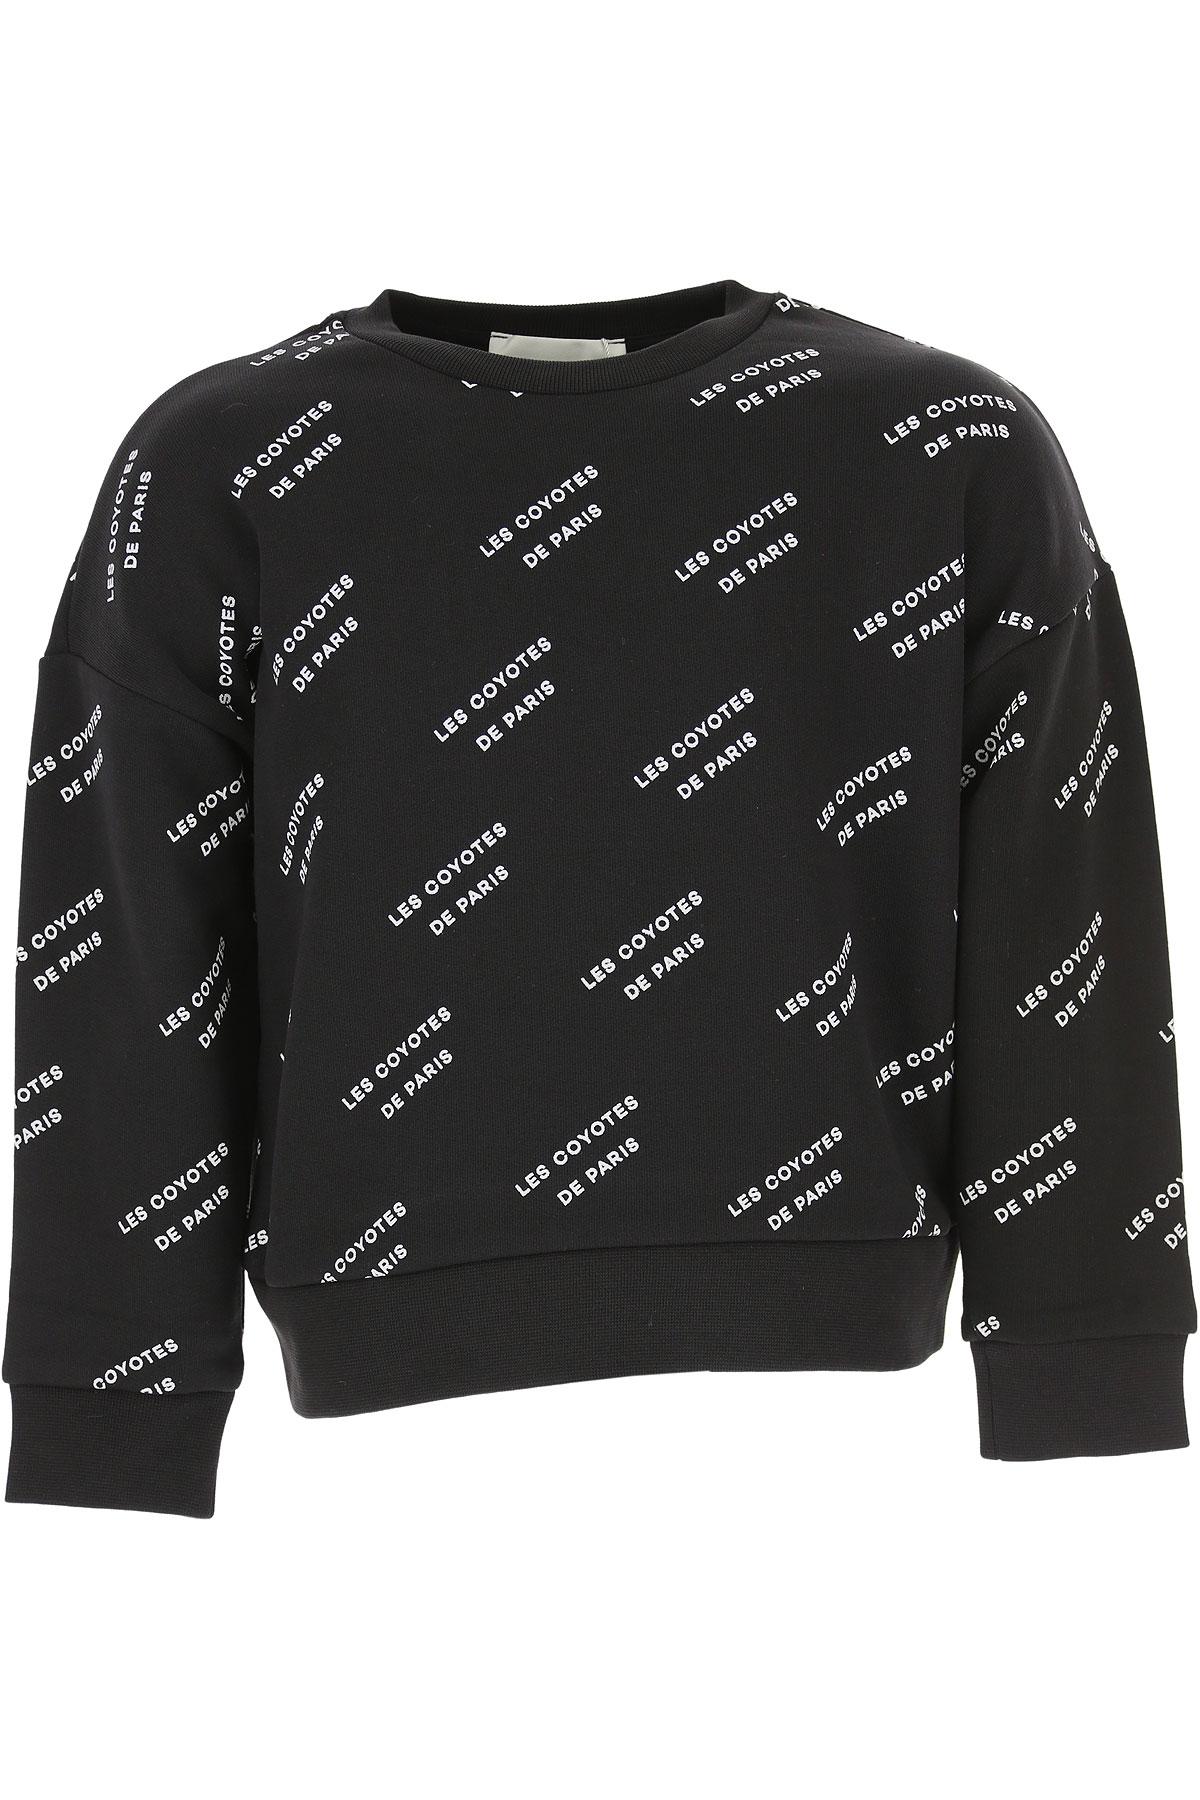 Image of Les Coyotes De Paris Kids Sweatshirts & Hoodies for Girls, Black, Cotton, 2017, 10Y 6Y 8Y